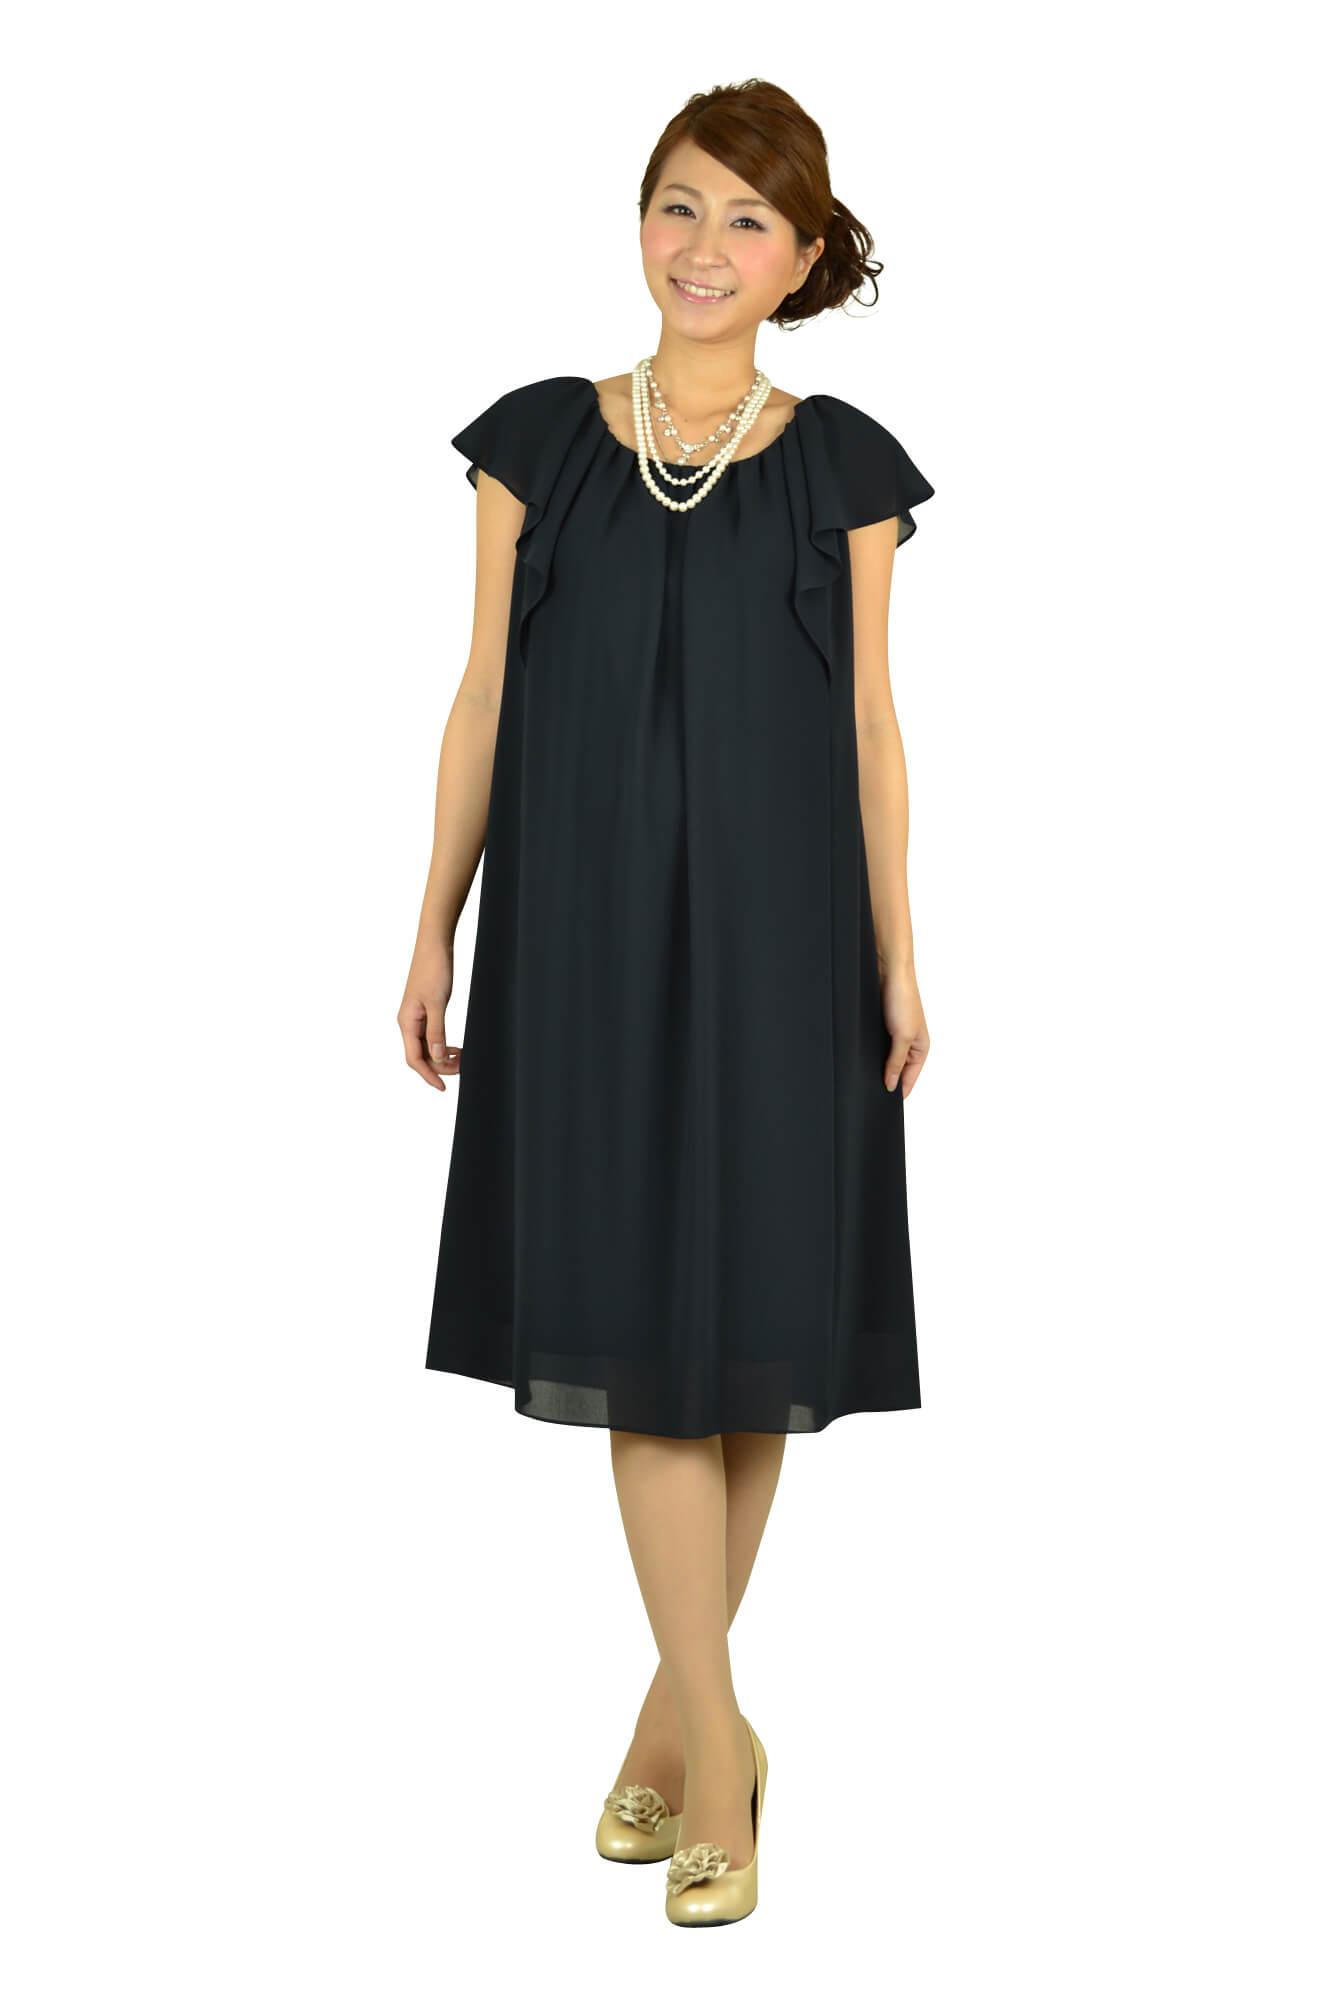 アンタイトル(UNTITLED)ネイビーミニ袖ドレス